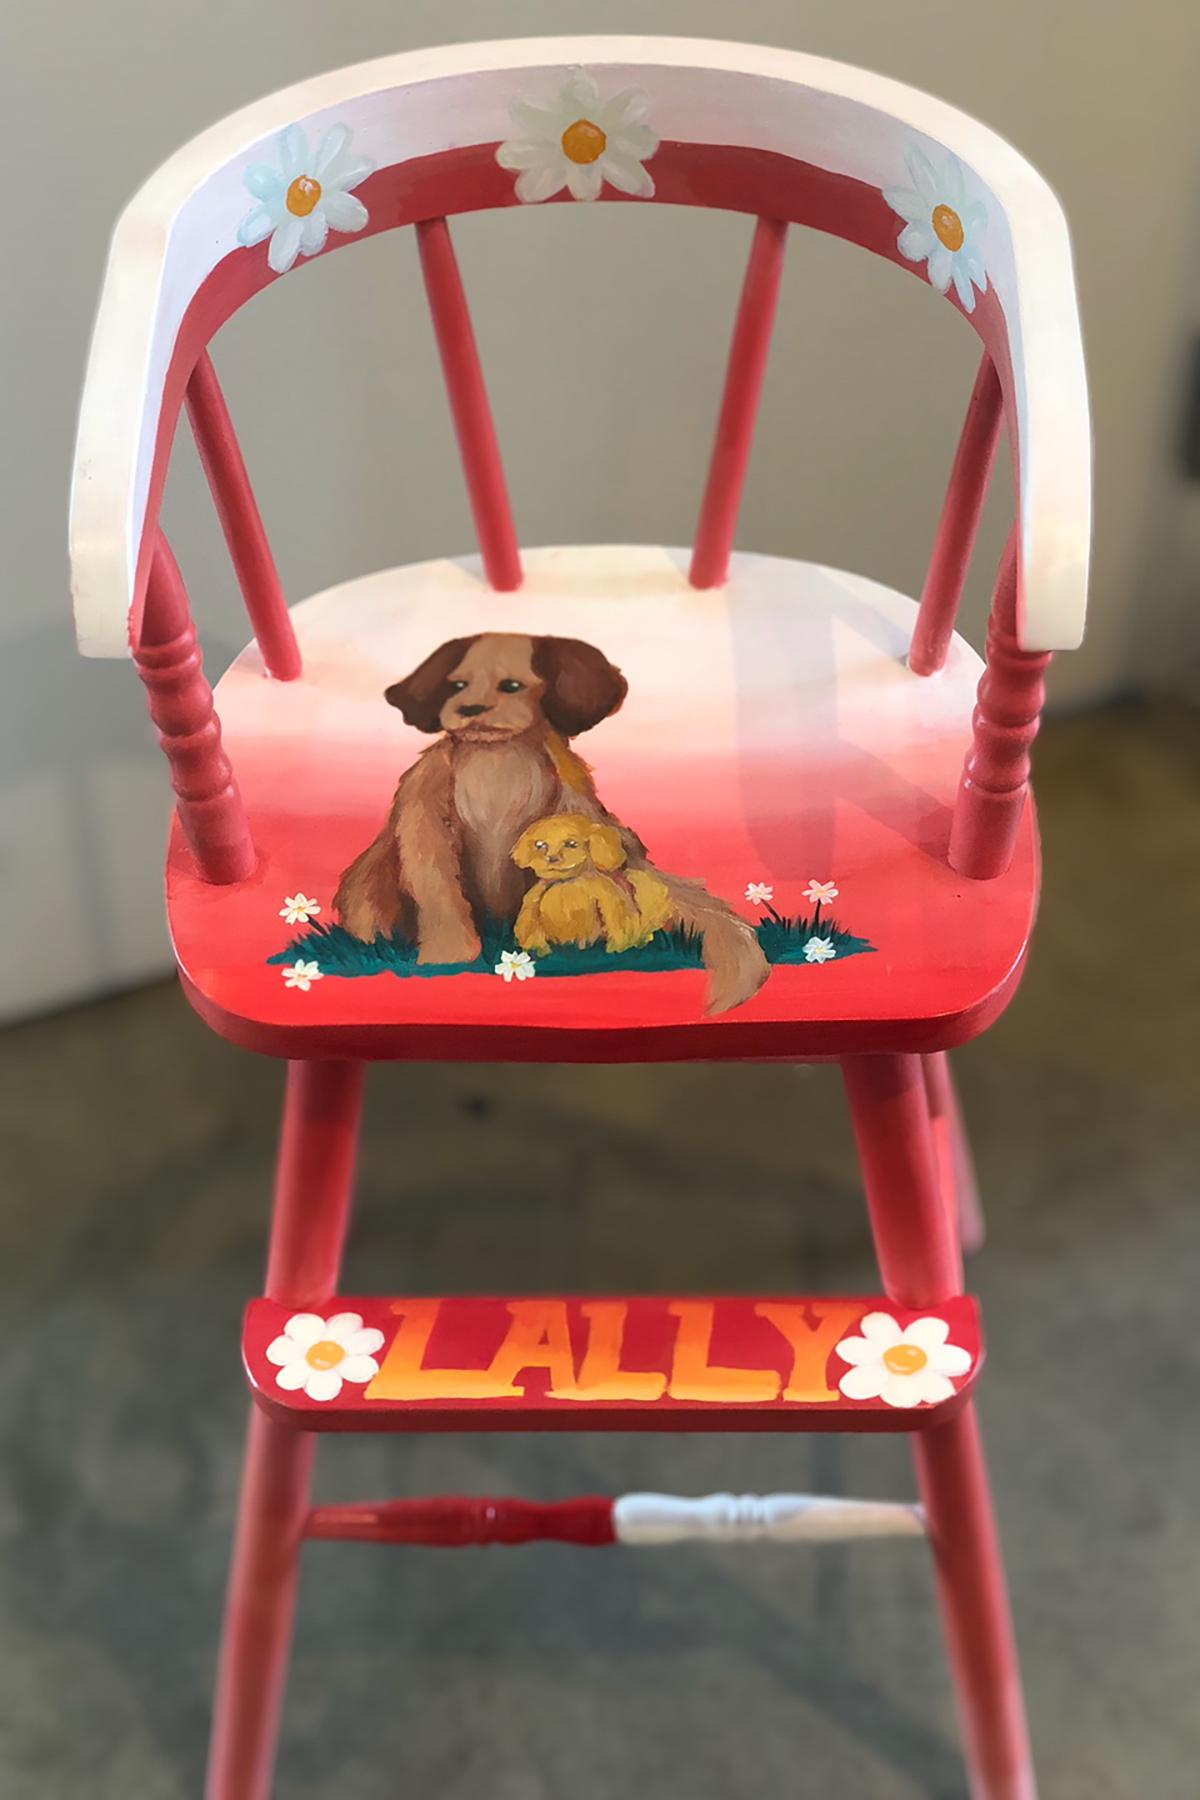 Lally High Chair_SBrennan.jpg